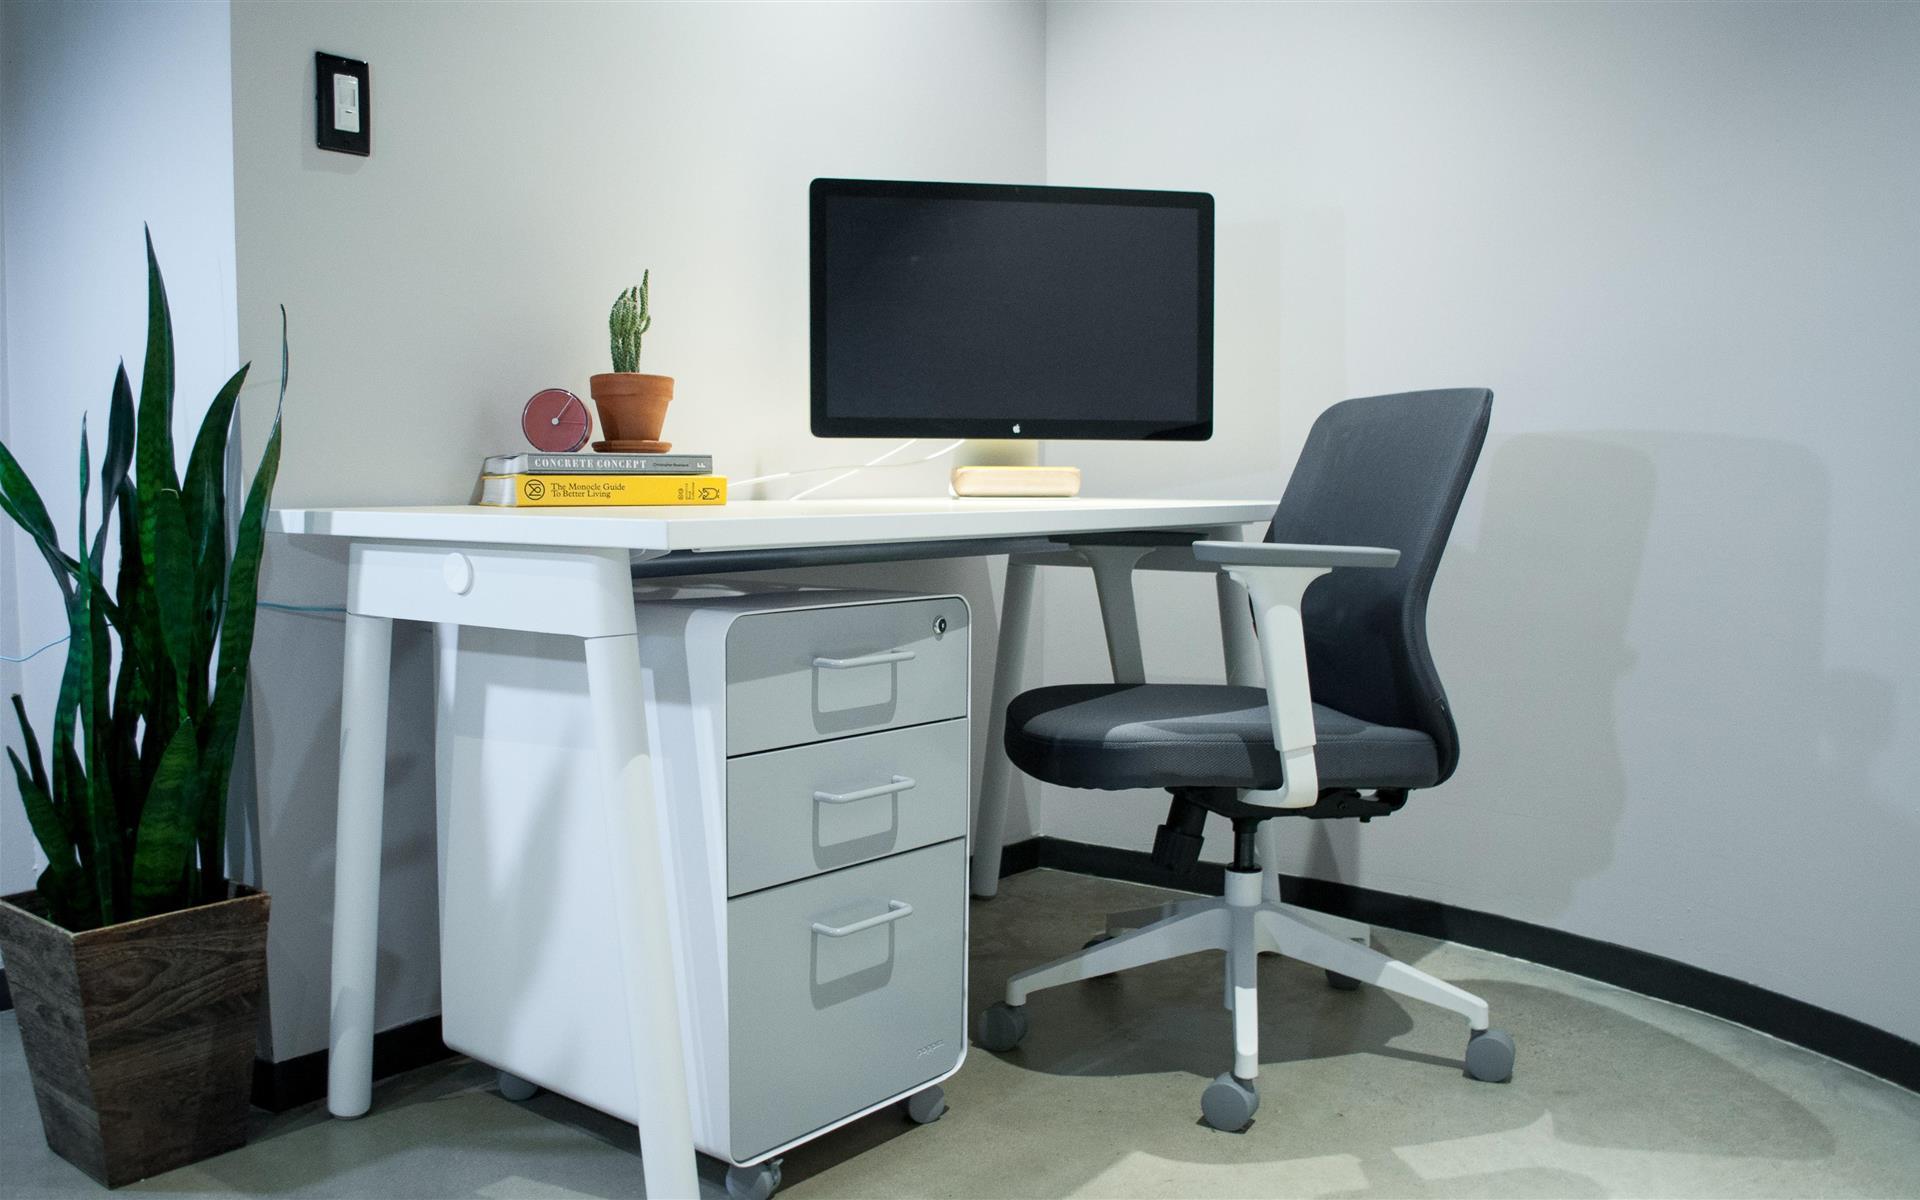 Mod Phoenix - Dedicated Desk Overlooking Midtown